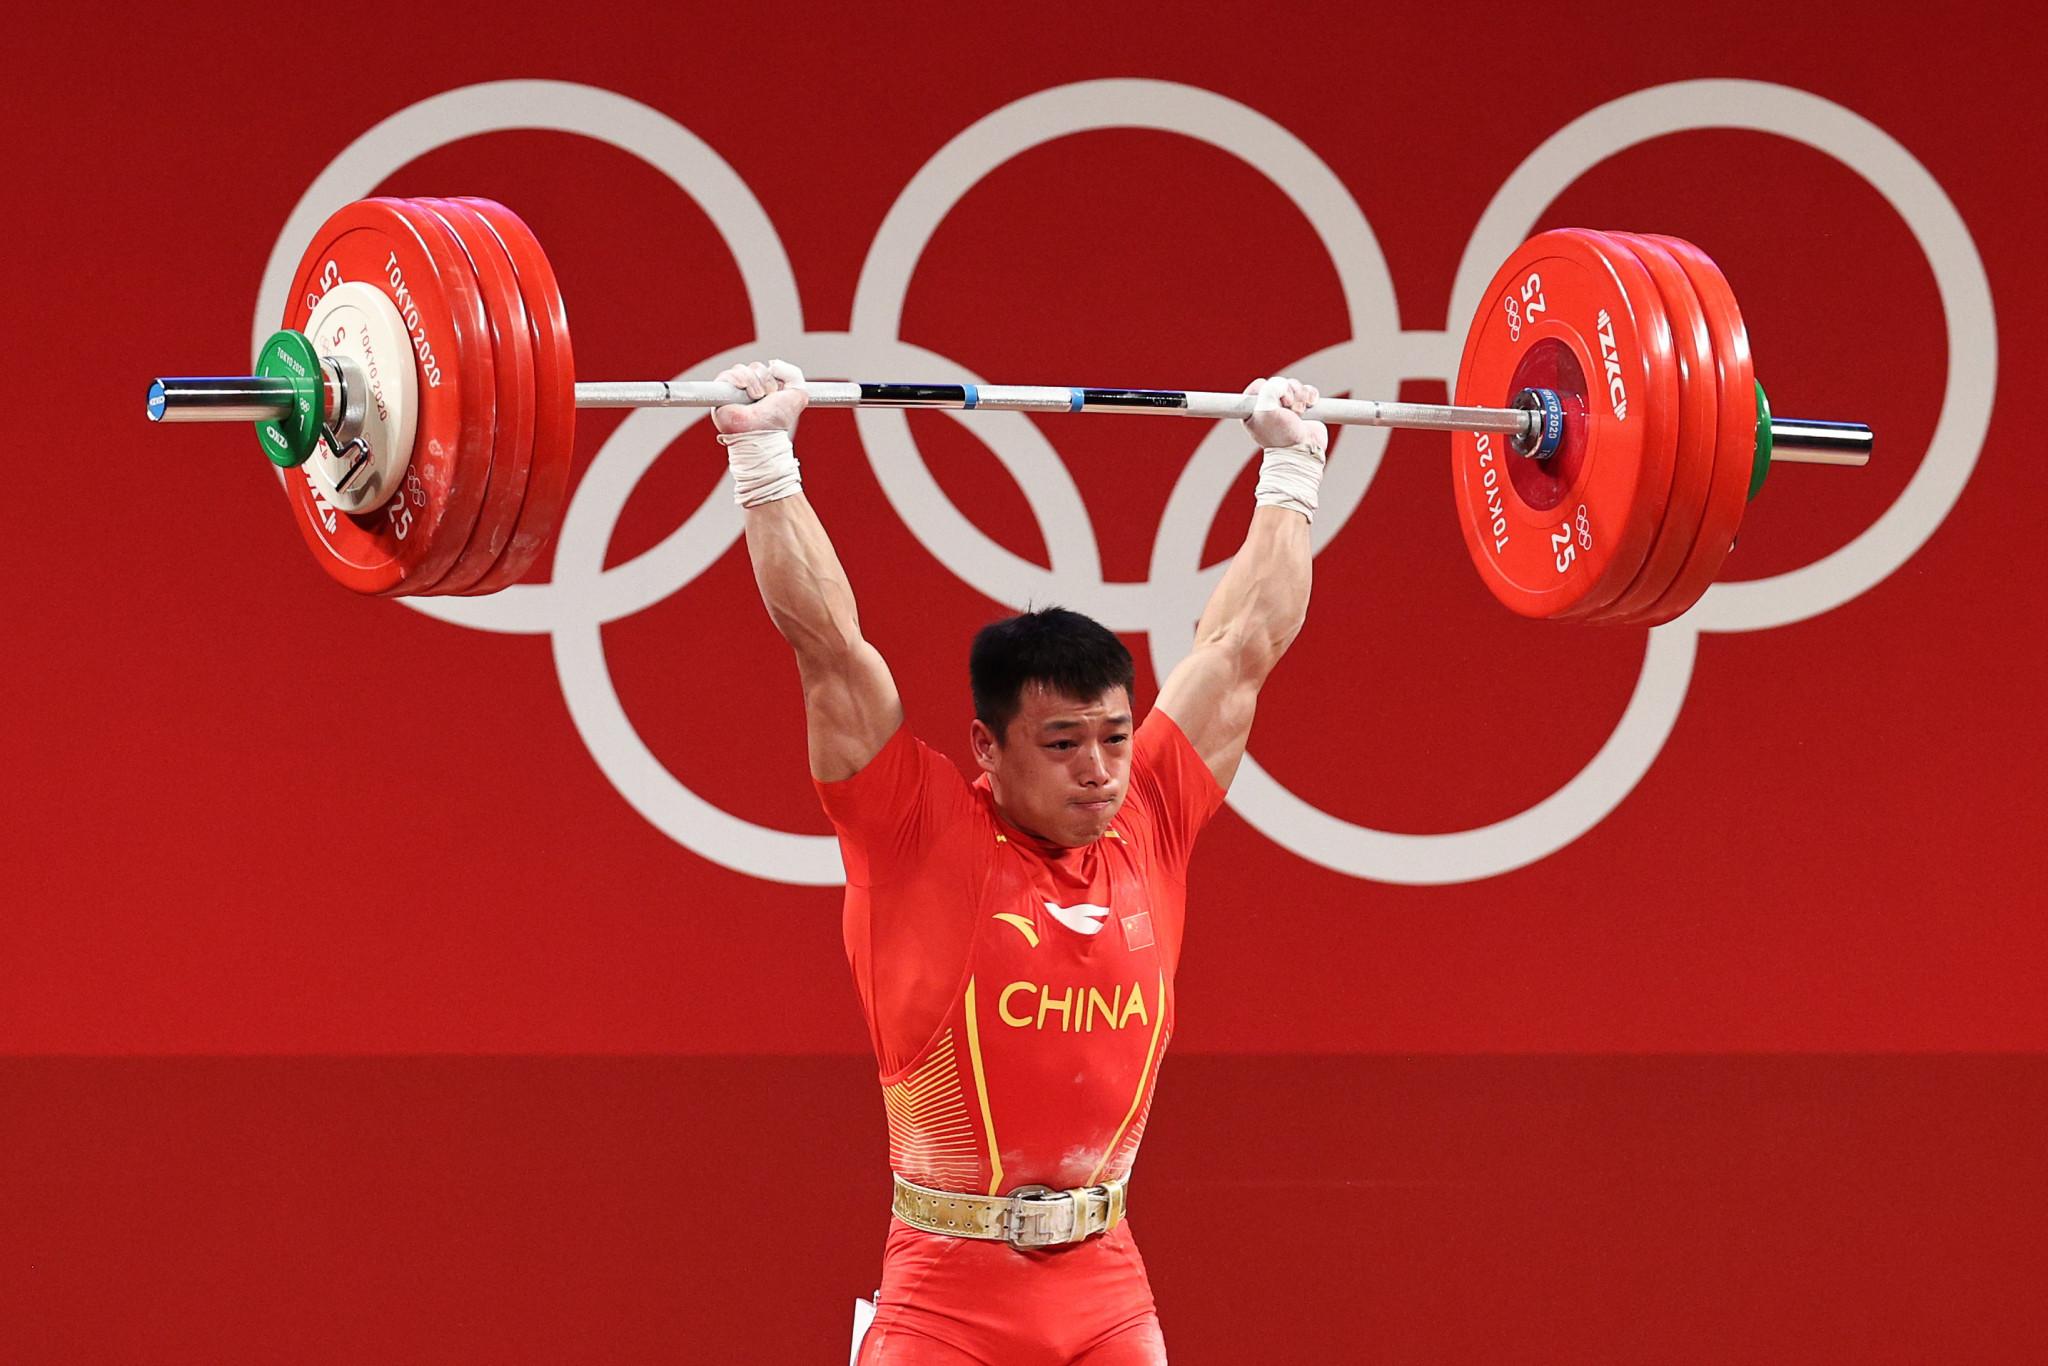 Sen Liju vince l'oro nel sollevamento pesi maschile da 67 kg alle Olimpiadi di Tokyo 2020 © Getty Images